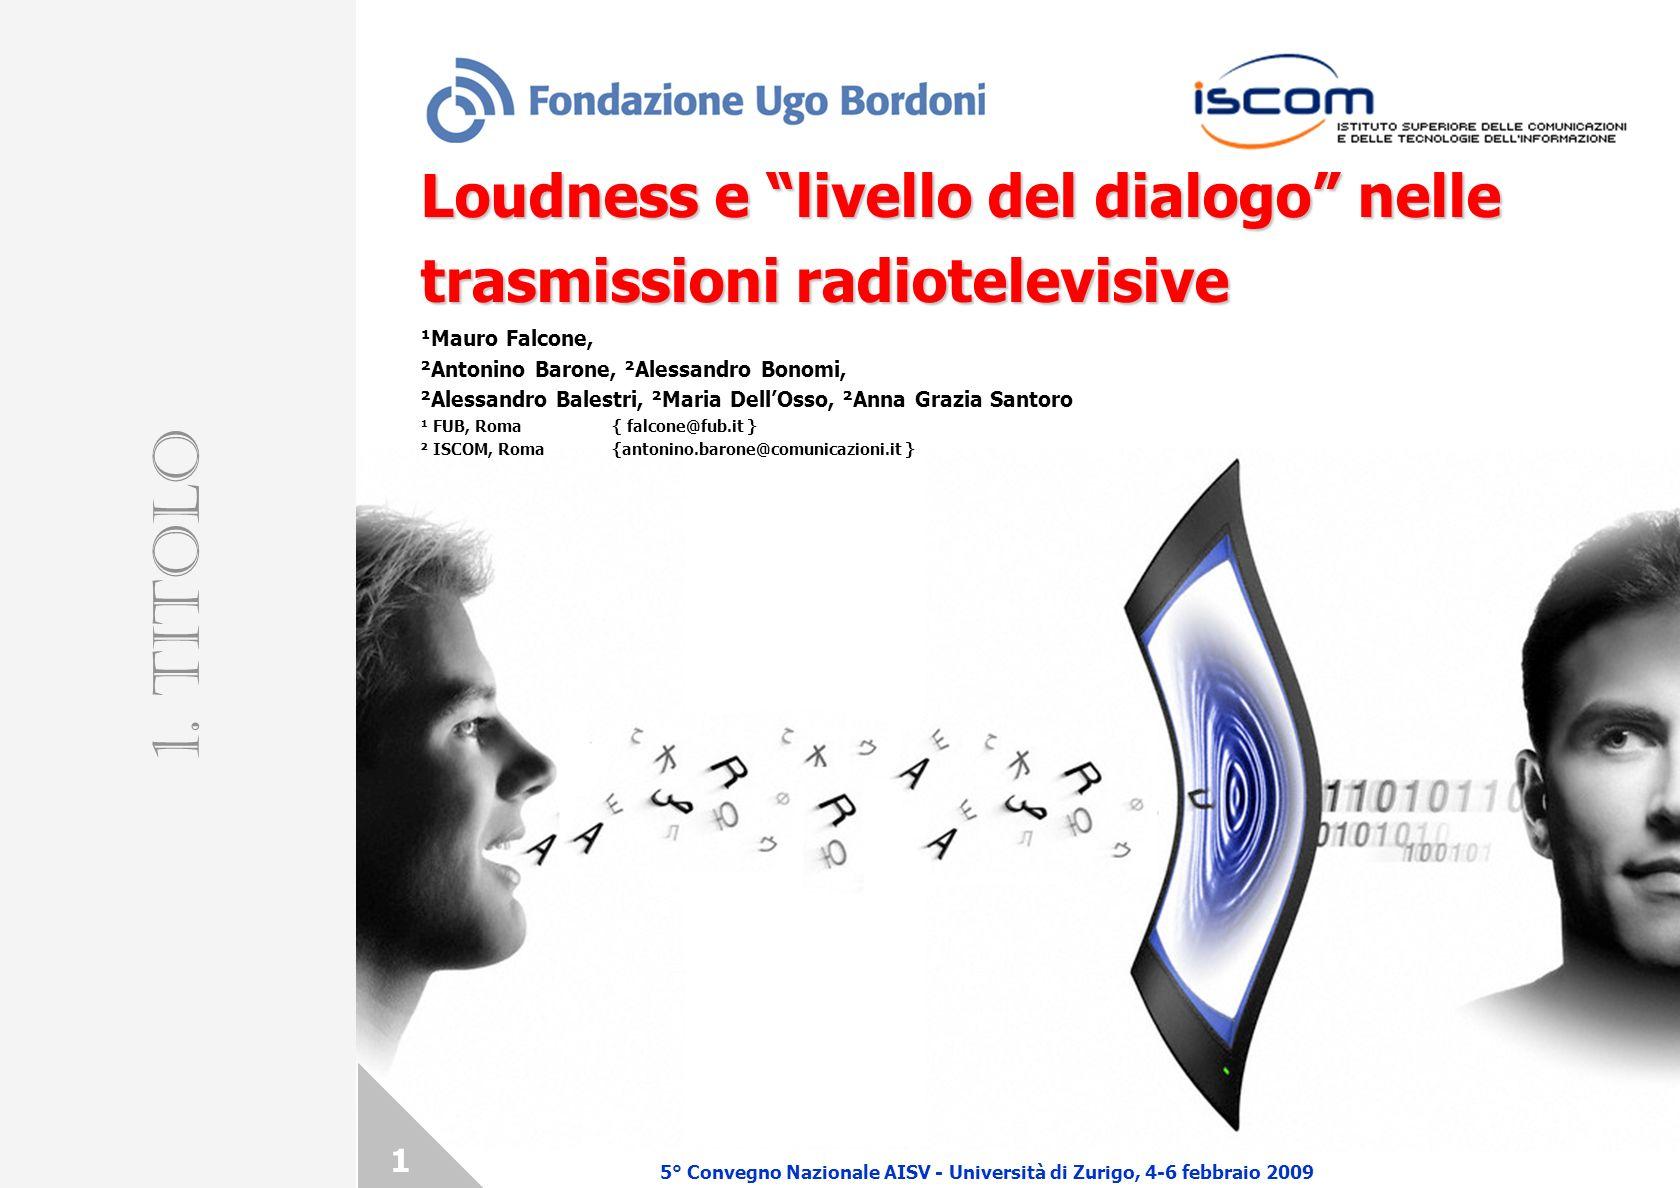 Loudness e livello del dialogo nelle trasmissioni radiotelevisive